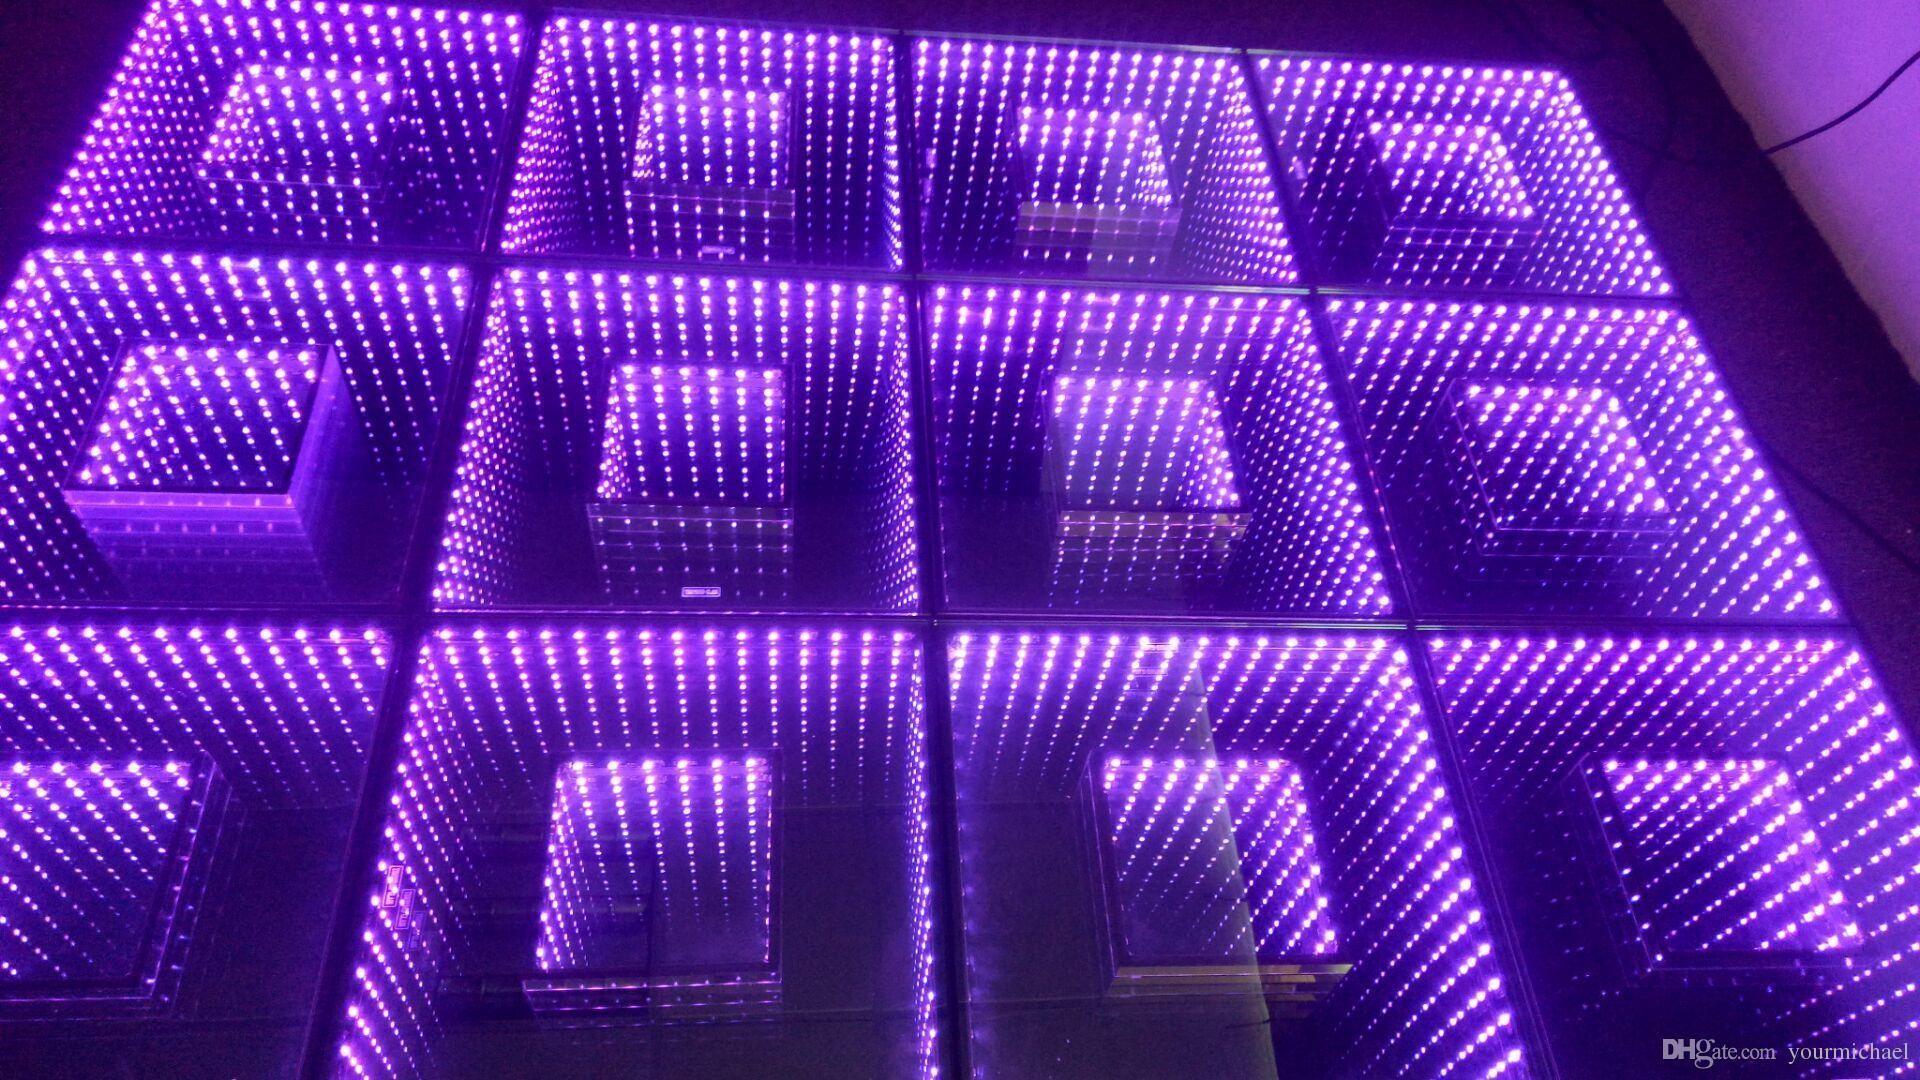 Floor Lighting Led Dance Floor Lighting Led Dance Floor Lights